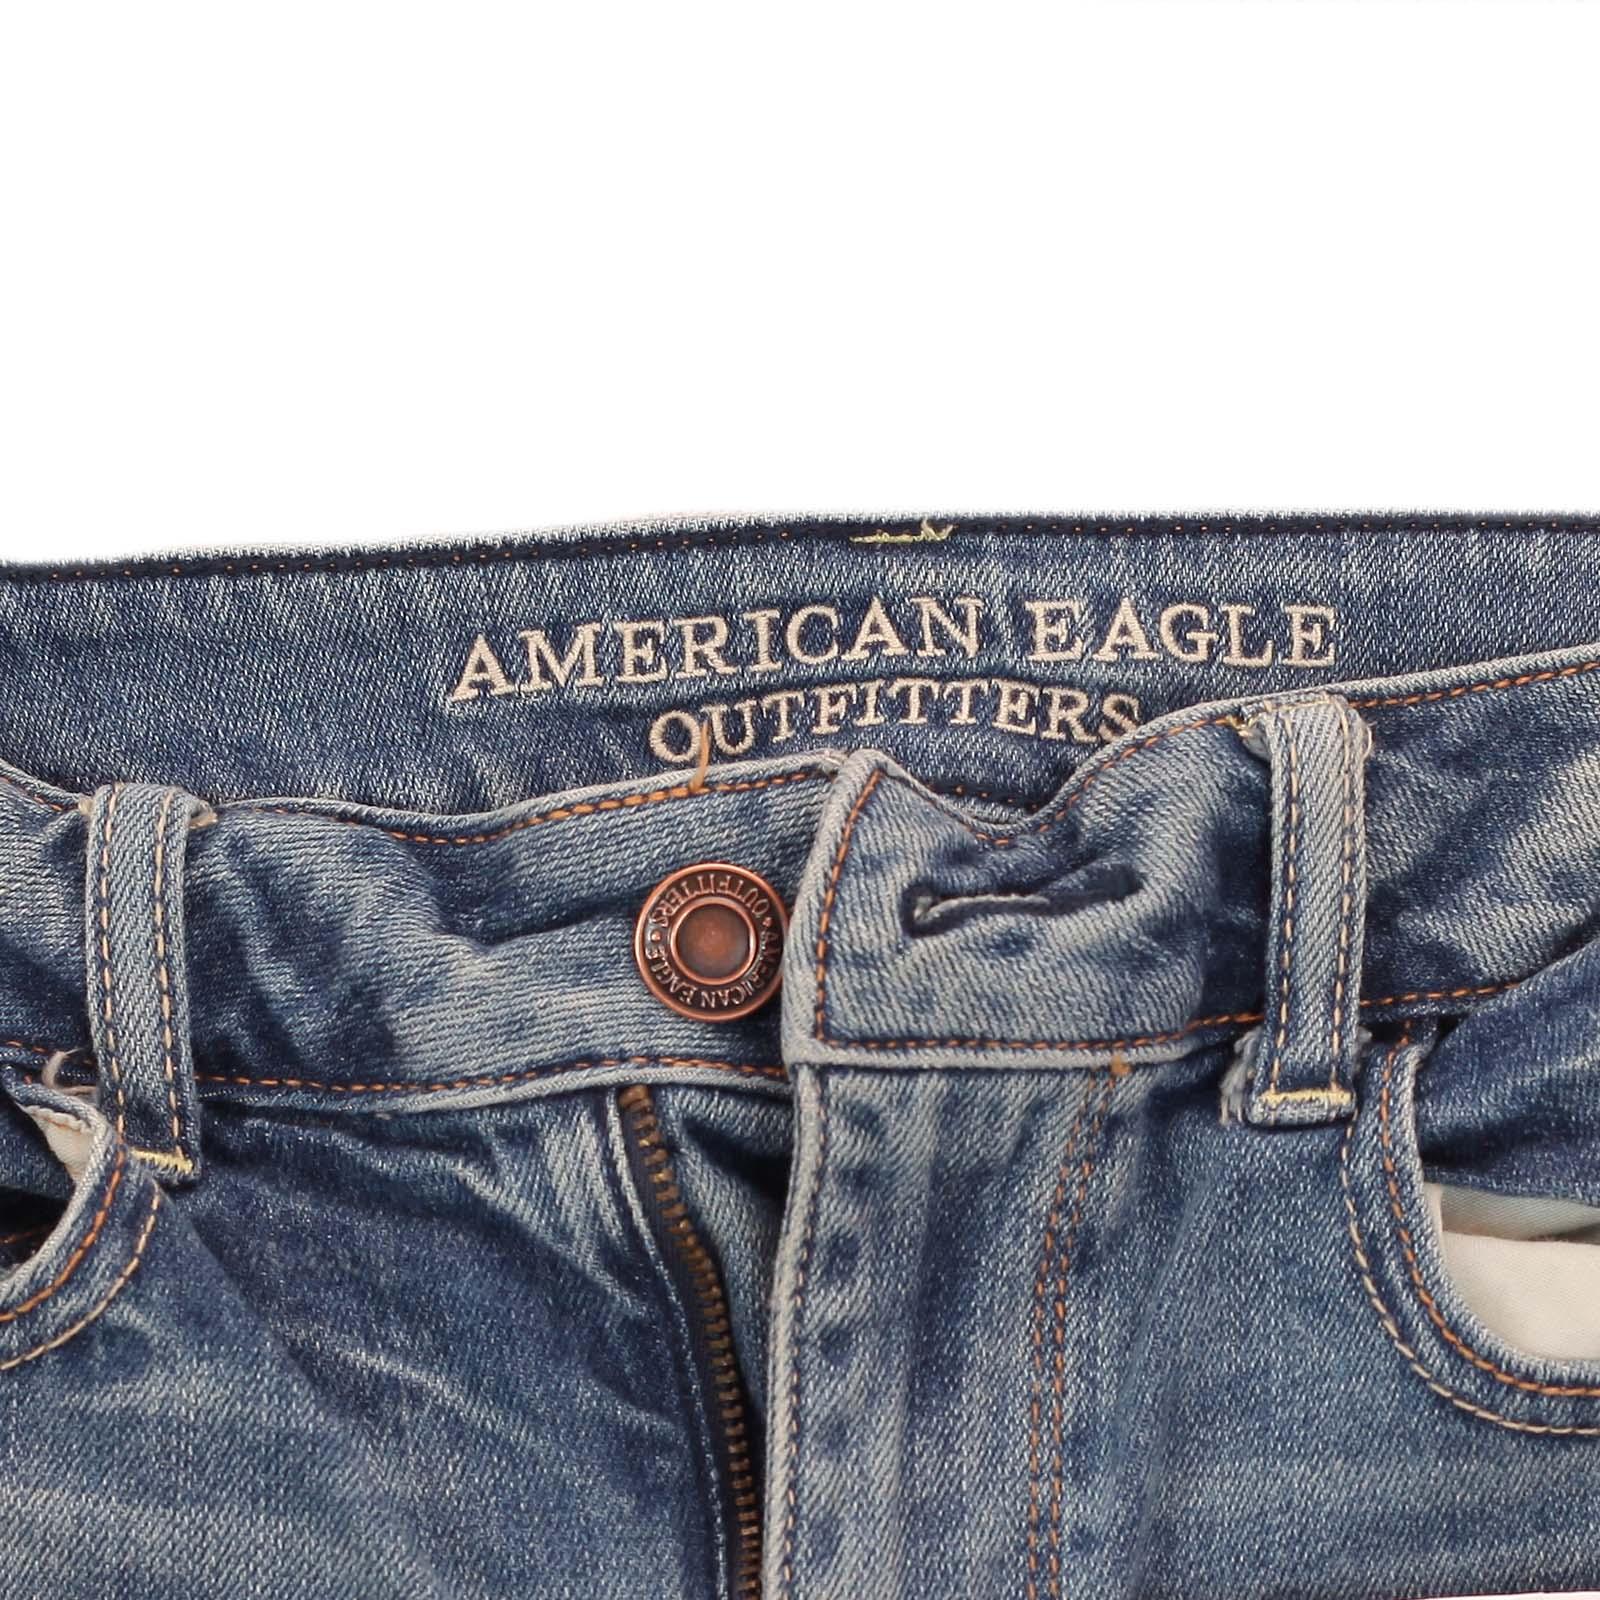 Модные женские джинсовые шорты 2017! Откровенный, но не пошлый калифорнийский ХИТ от ТМ American Eagle. СТАНЬ ИДЕАЛОМ!